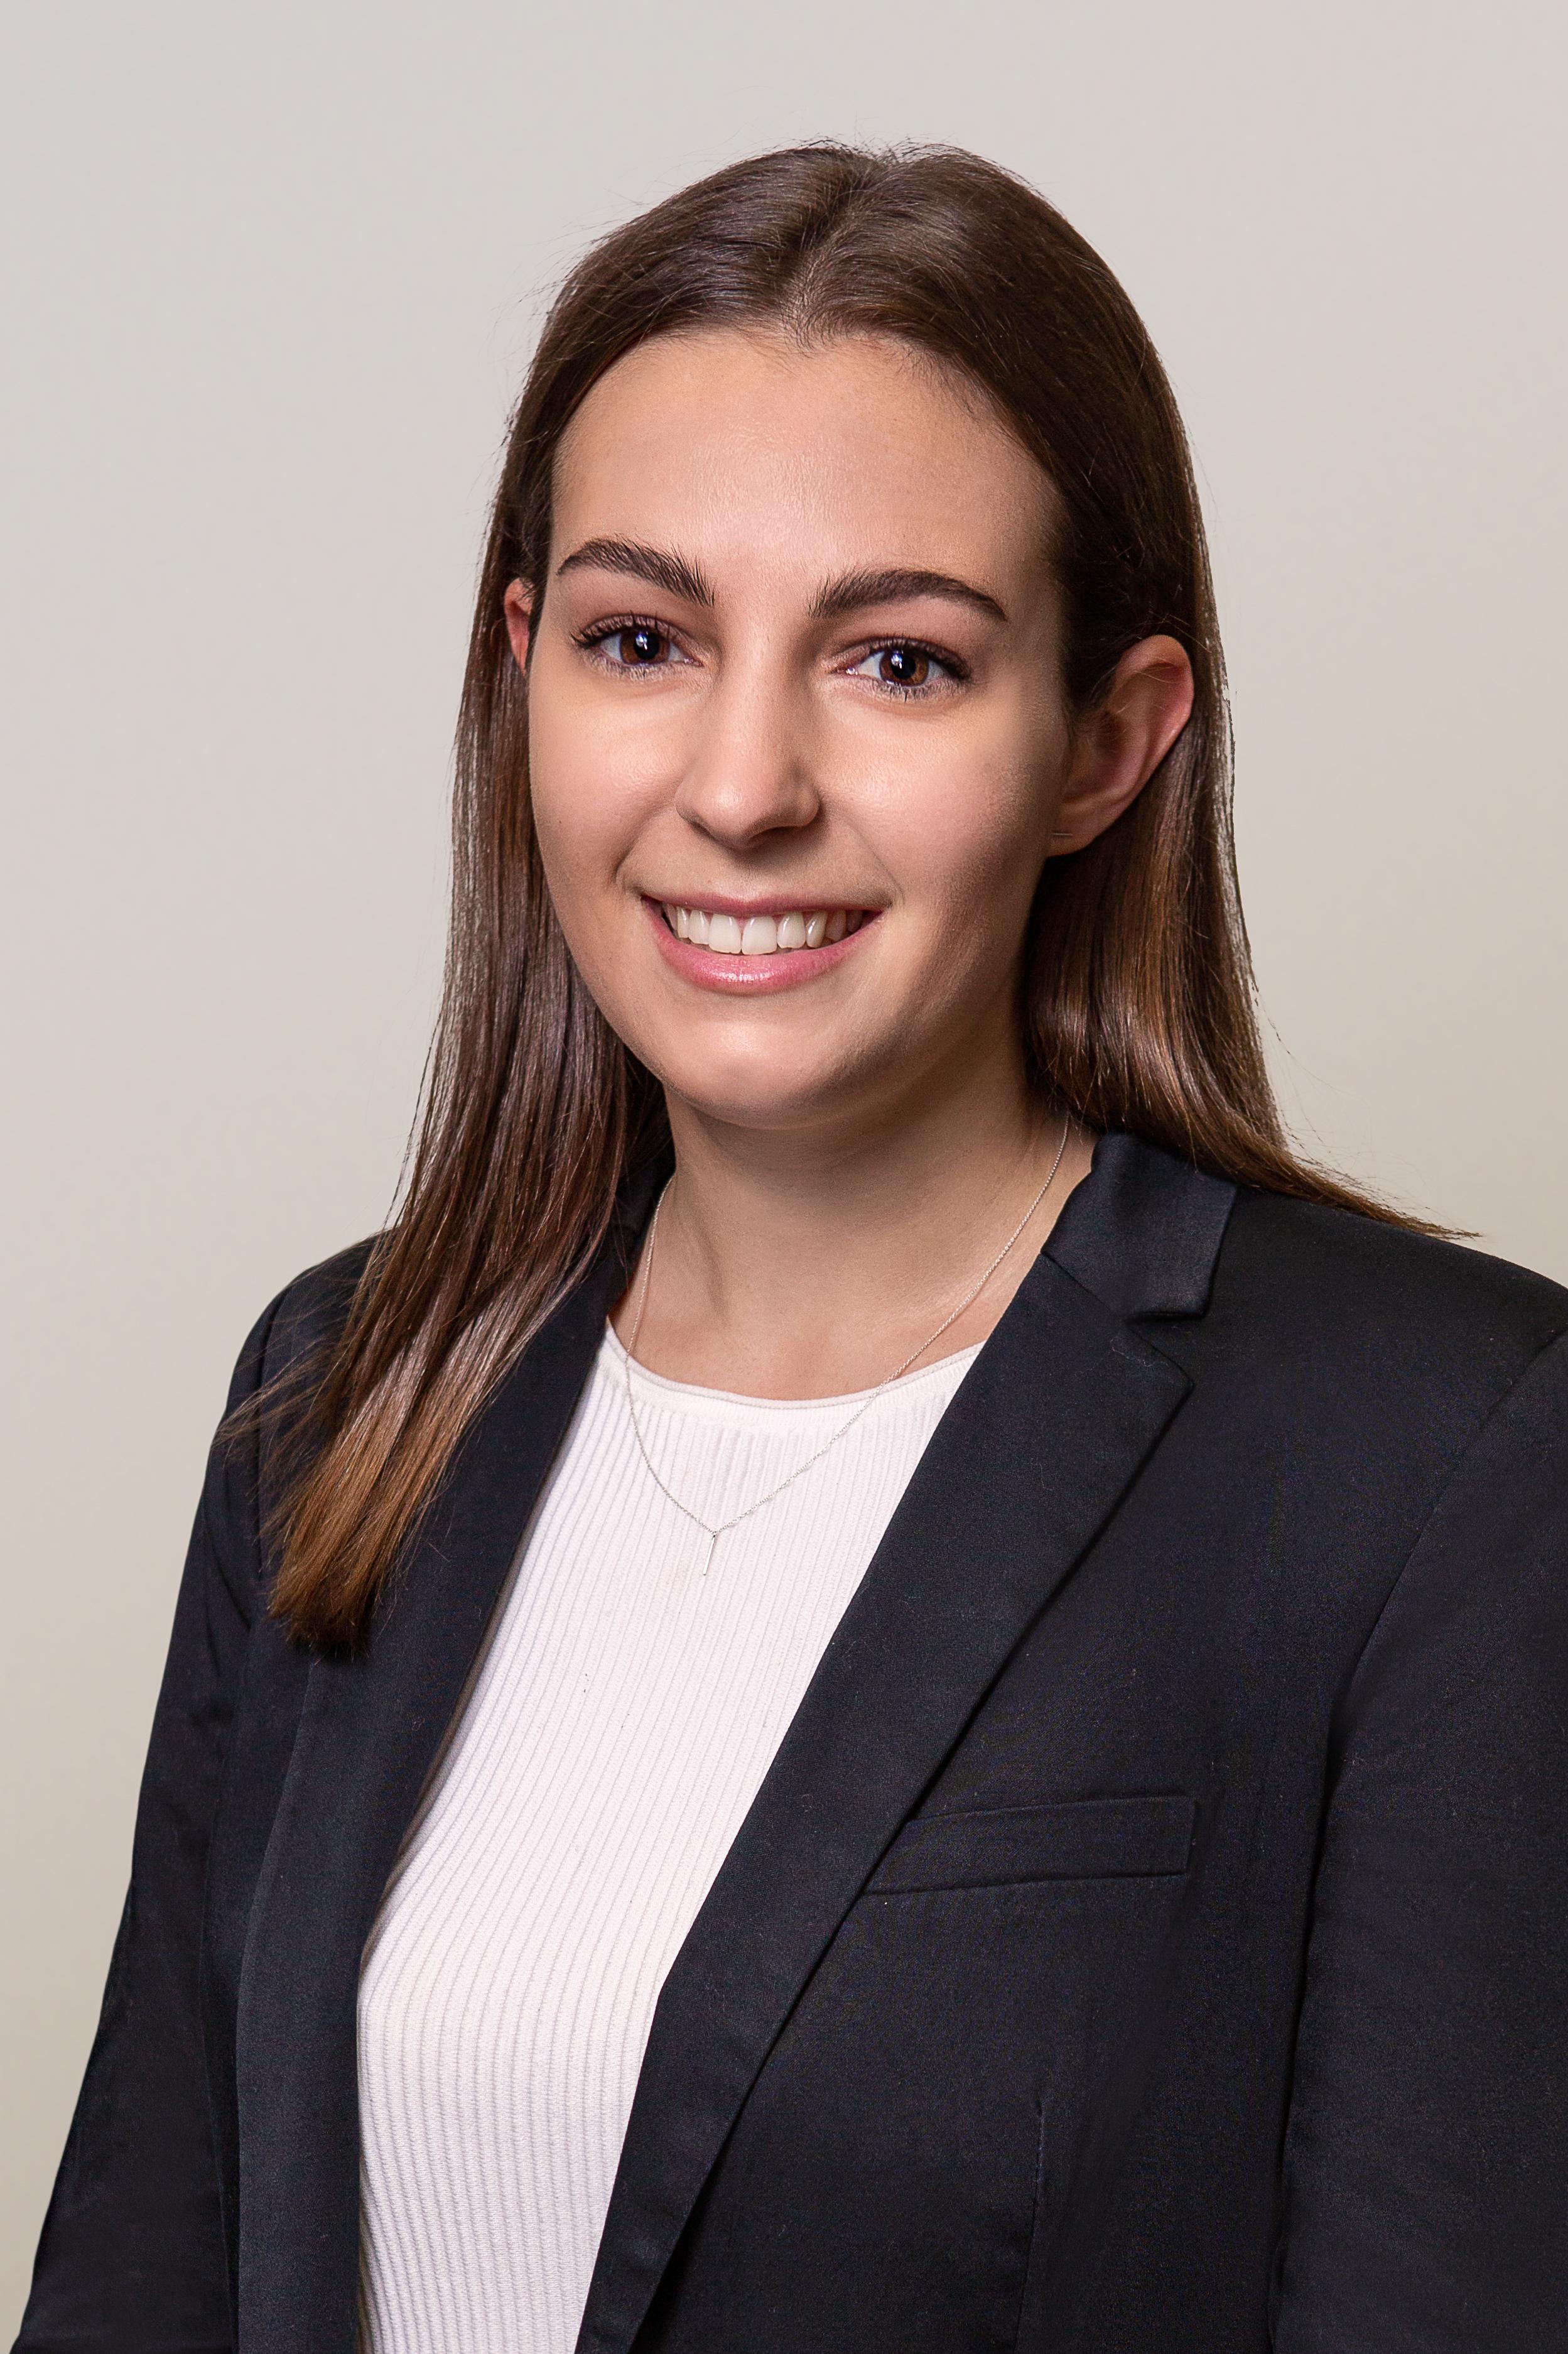 Julia Hodkinson